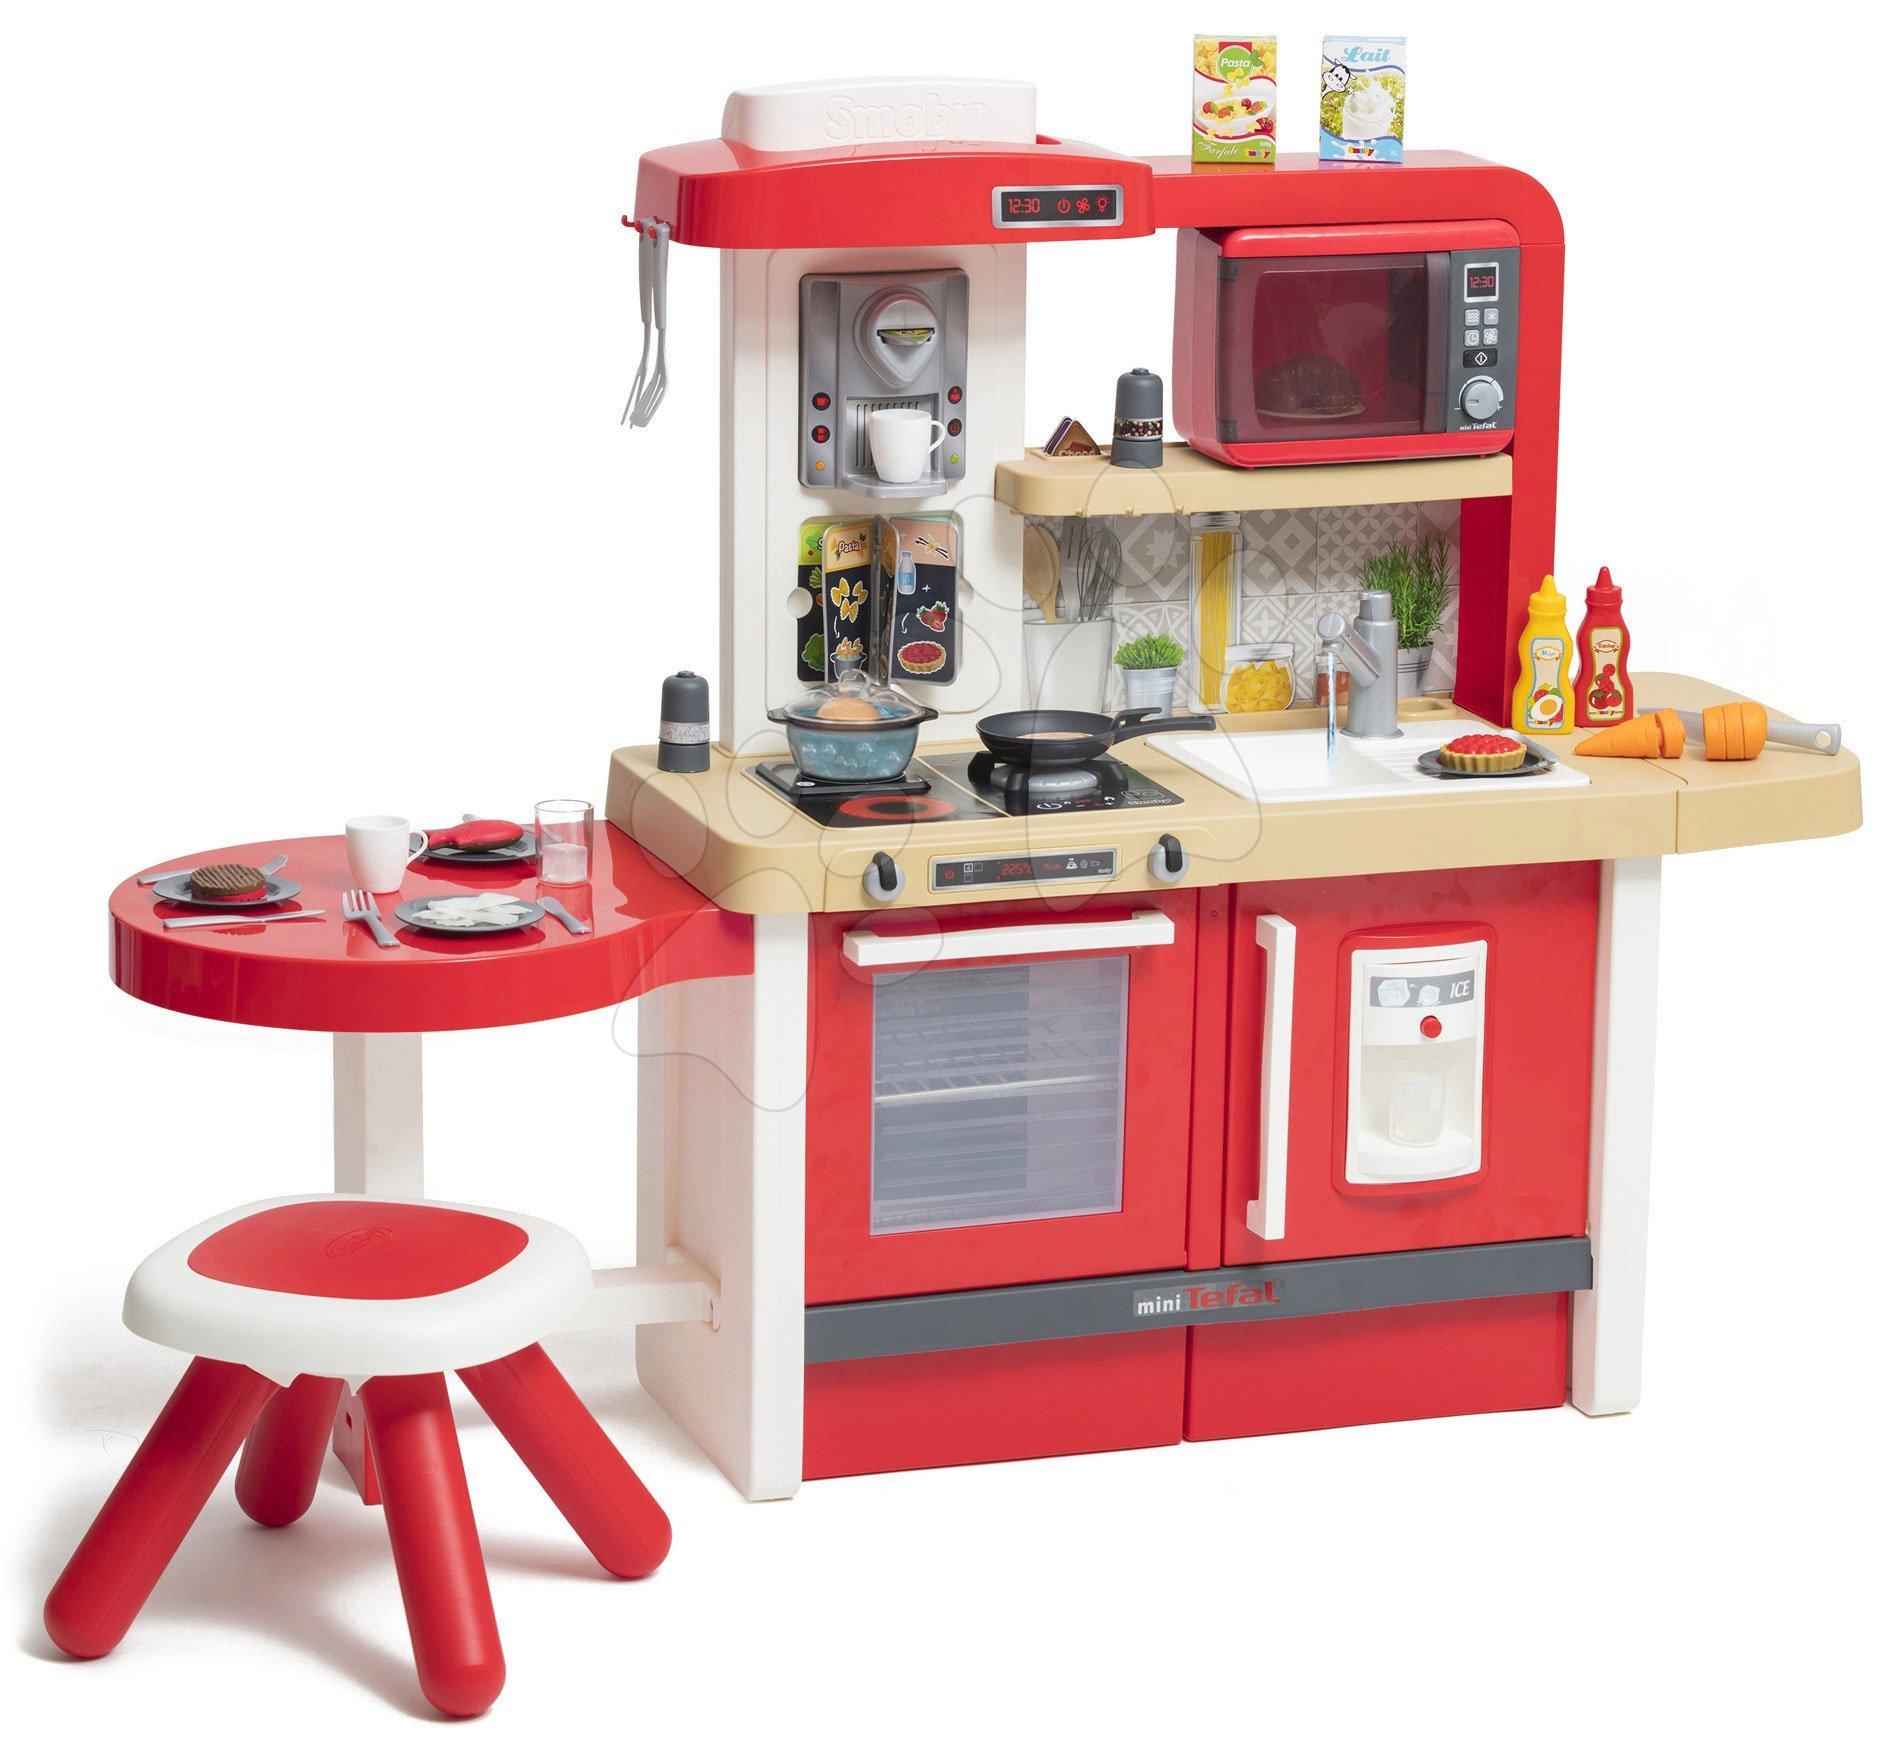 Kuchyňka rostoucí s tekoucí vodou Tefal Evolutive Gourment Smoby s červenou mikrovlnkou se zvukem a světlem